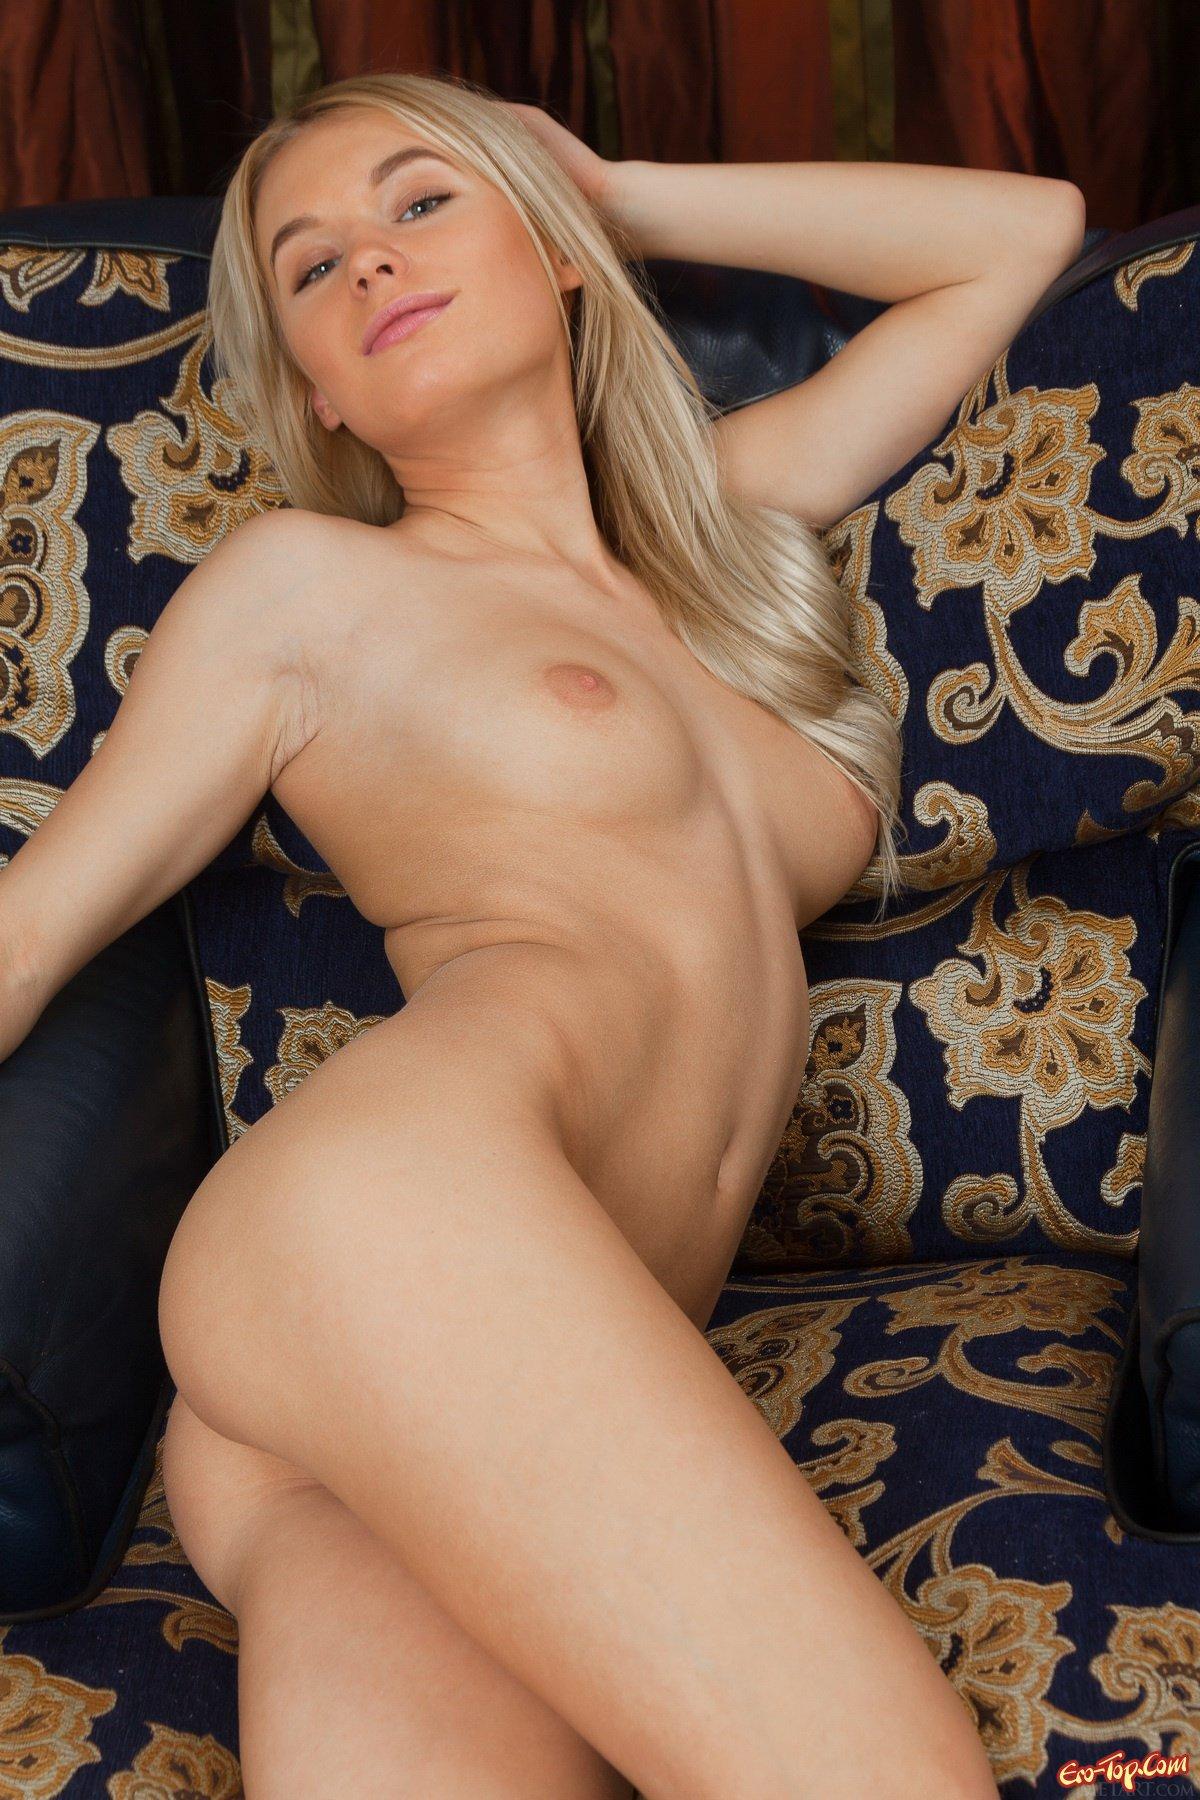 Блонди с голой попкой и писей